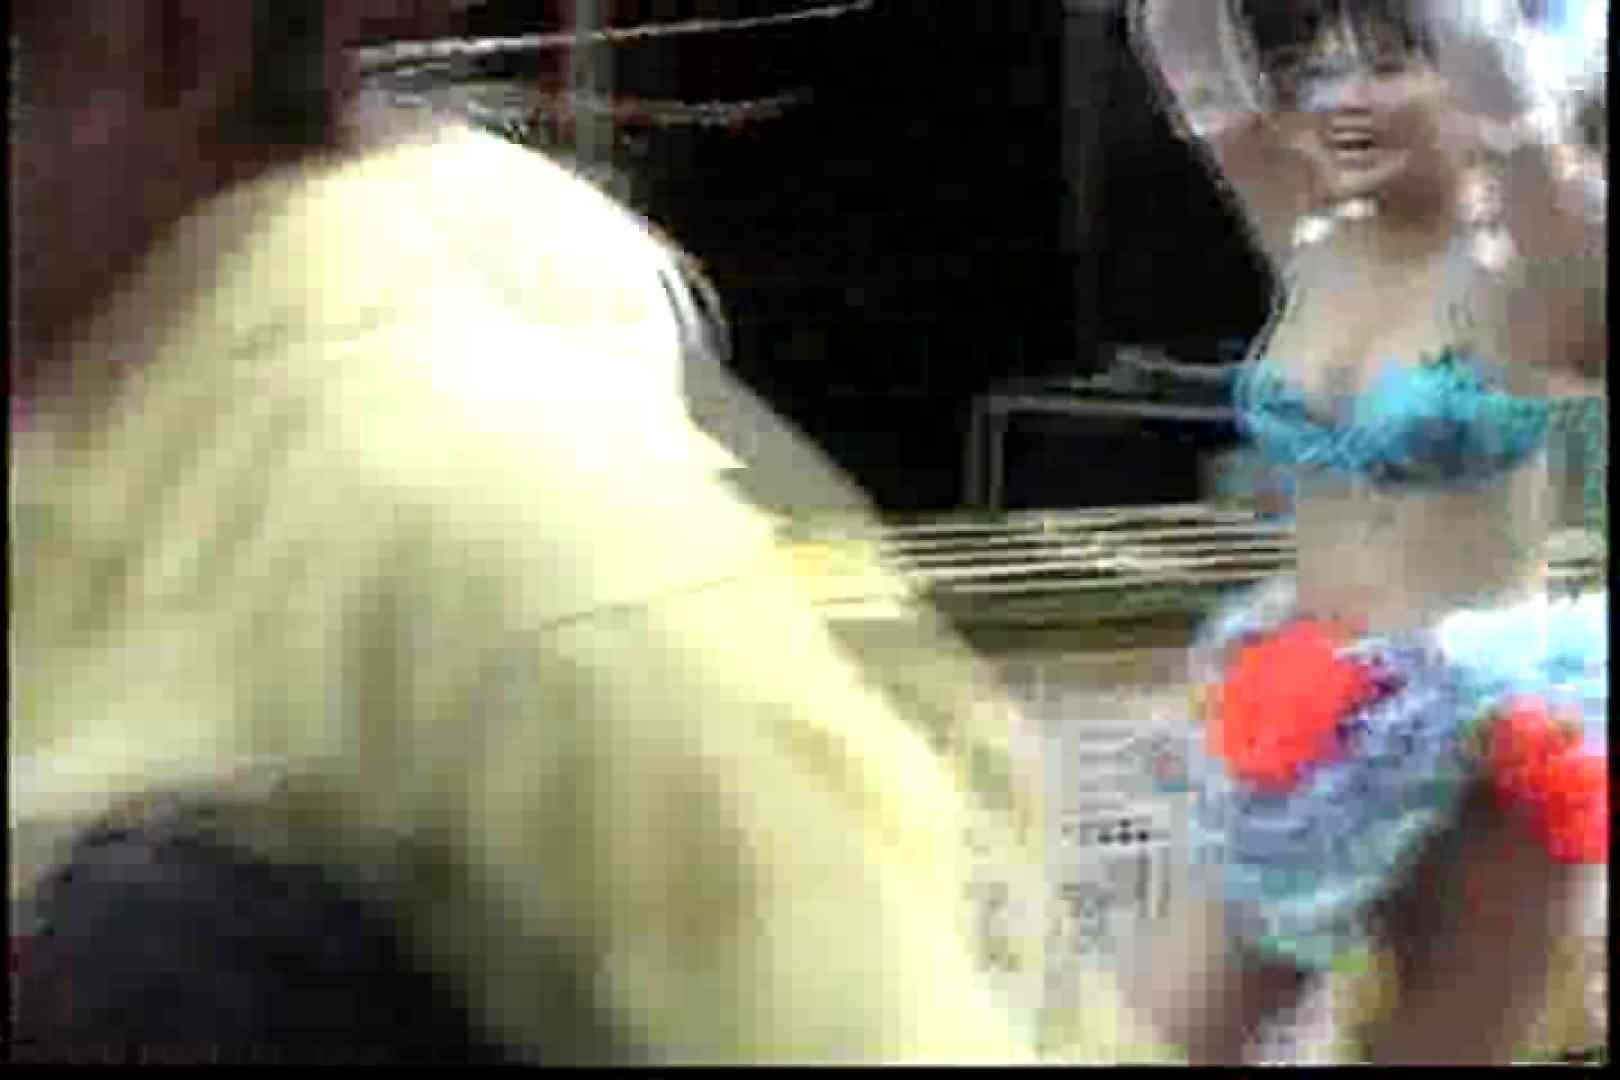 狂乱のサンバカーニバルVol.4 ギャルエロ画像 AV無料動画キャプチャ 113PICs 23